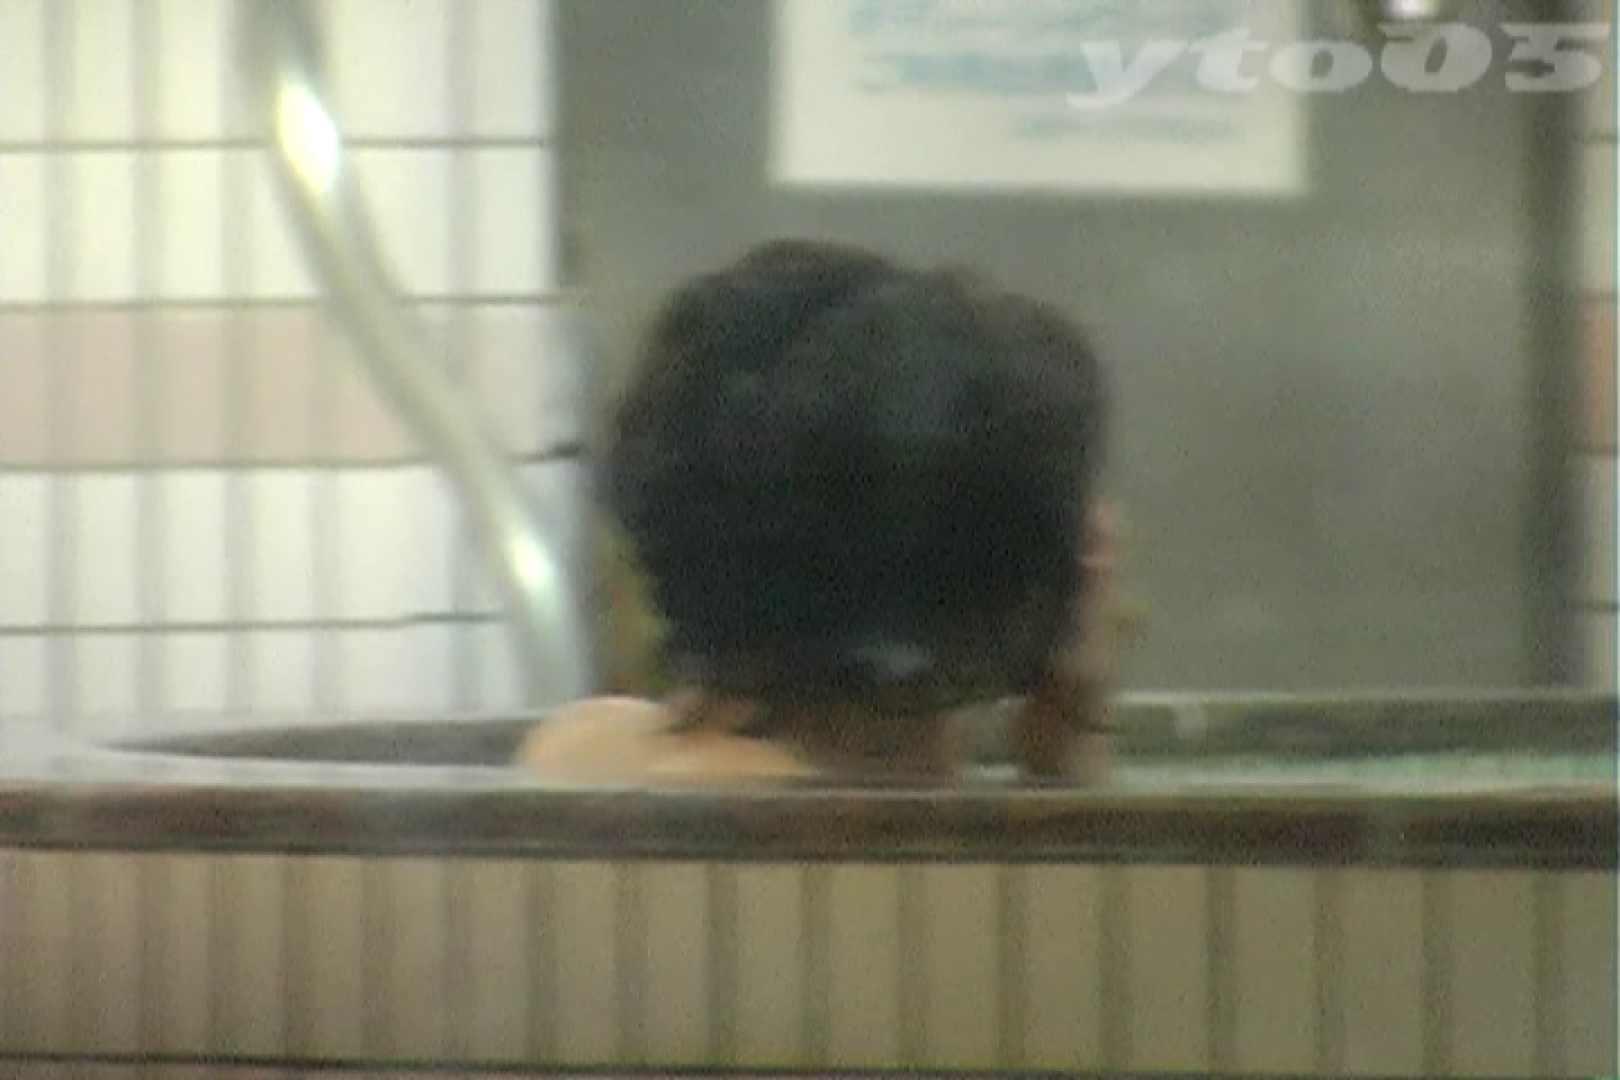 ▲復活限定▲合宿ホテル女風呂盗撮 Vol.30 女風呂 | ホテルで絶頂  77画像 9